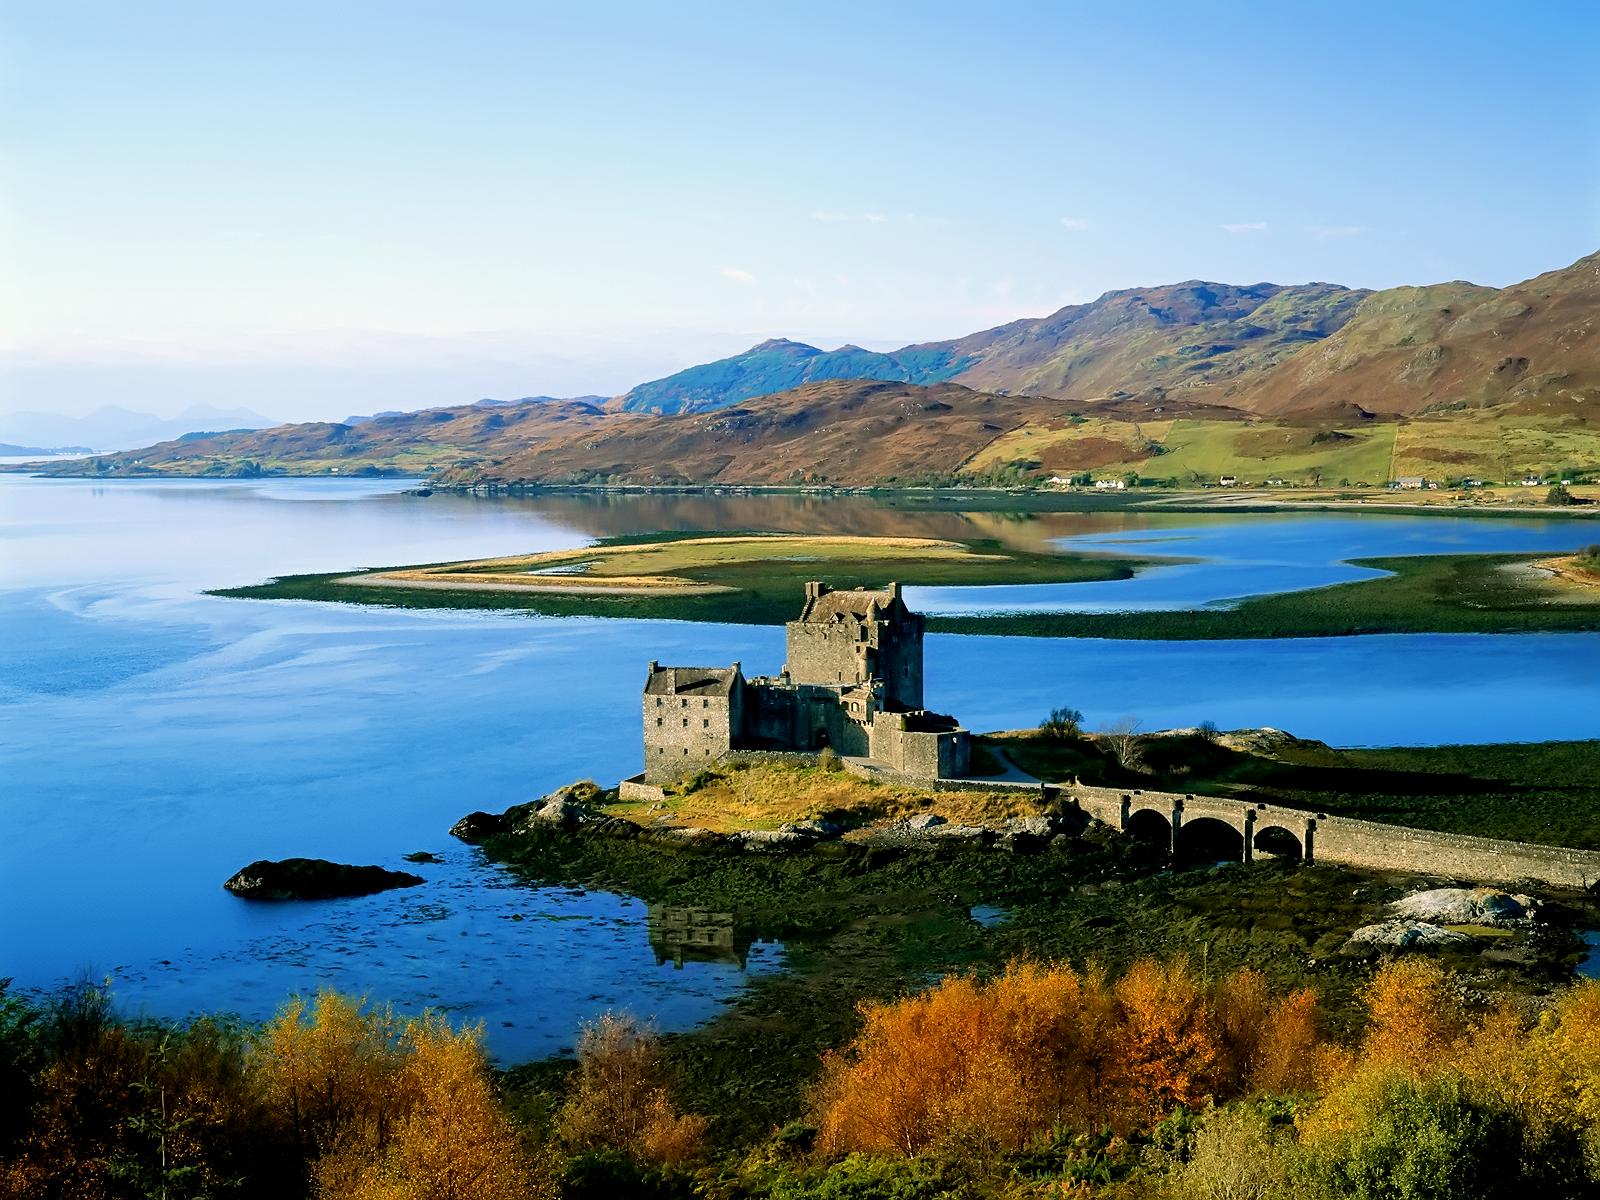 http://1.bp.blogspot.com/-m9DyXFZIhcg/Ttz2NN2_1fI/AAAAAAAAAqU/FkLr04E7Kg4/s1600/eilean+donan-castle-scotland-wall-inkbluesky.png